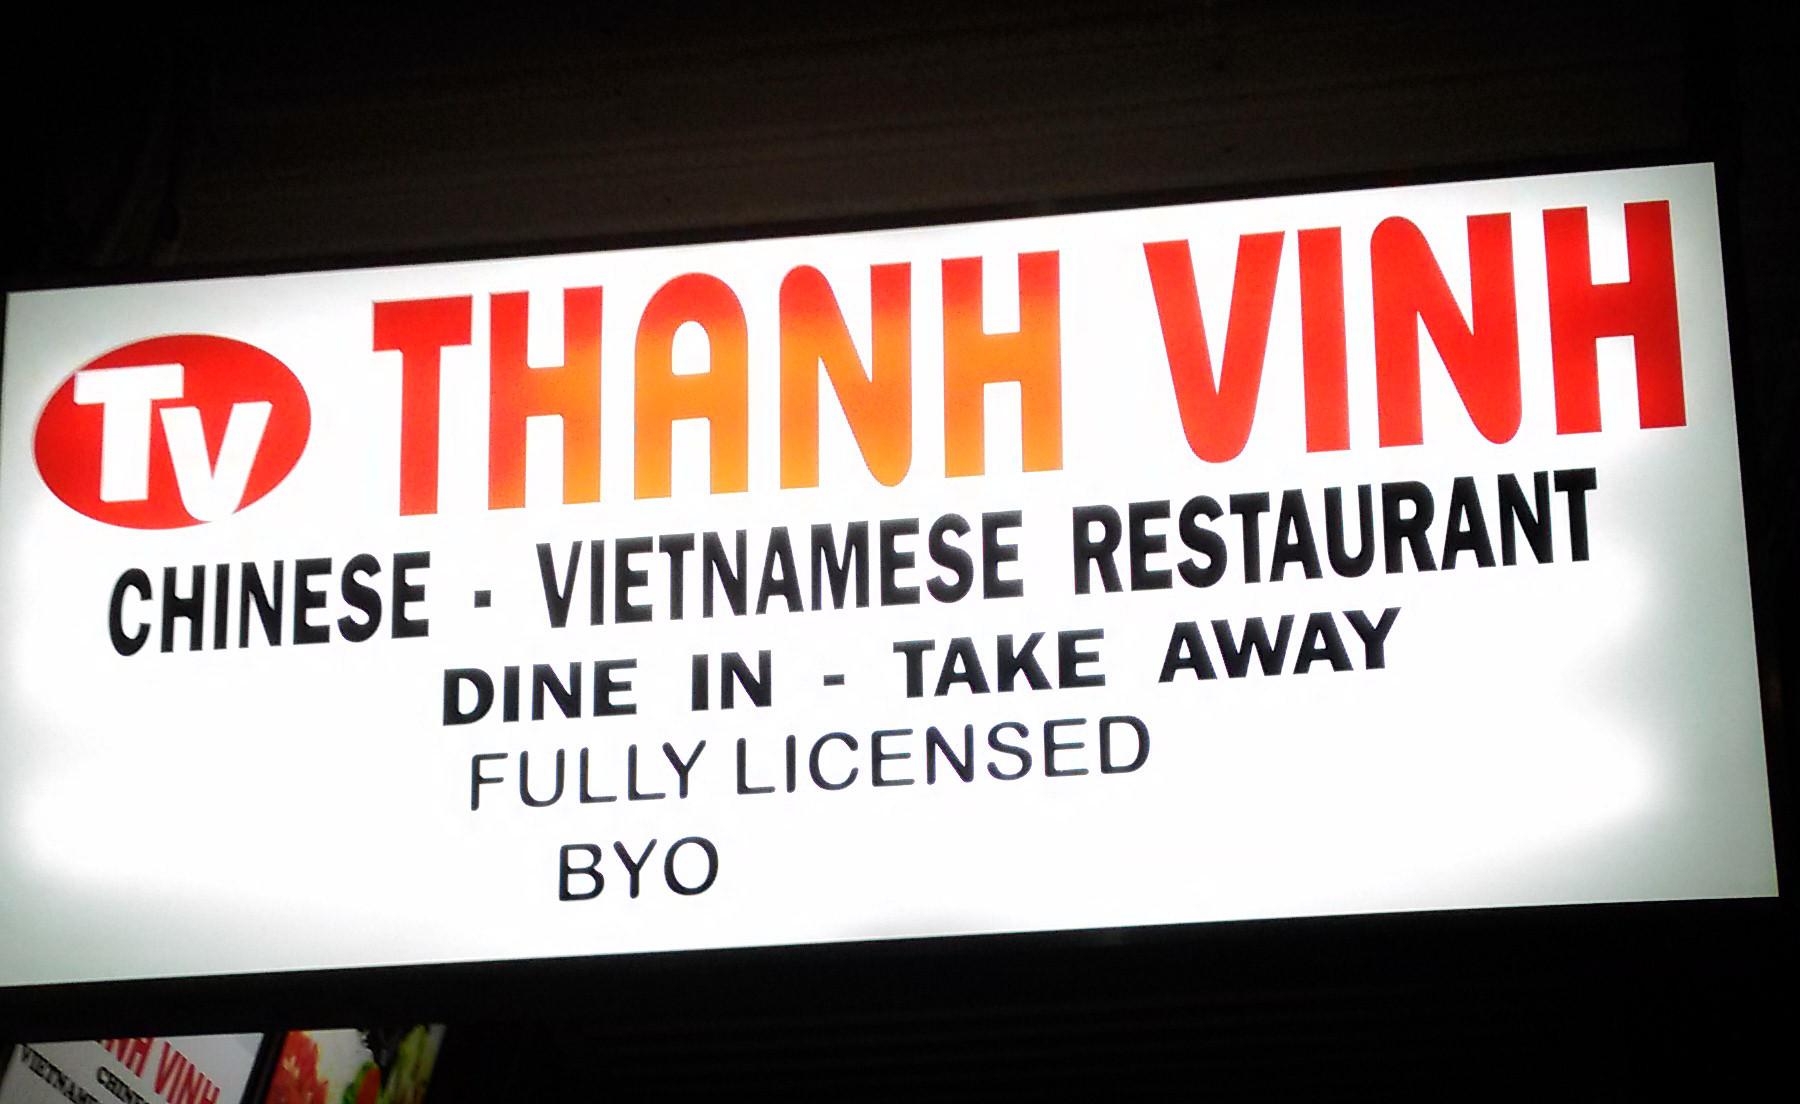 Thanh Vine看板